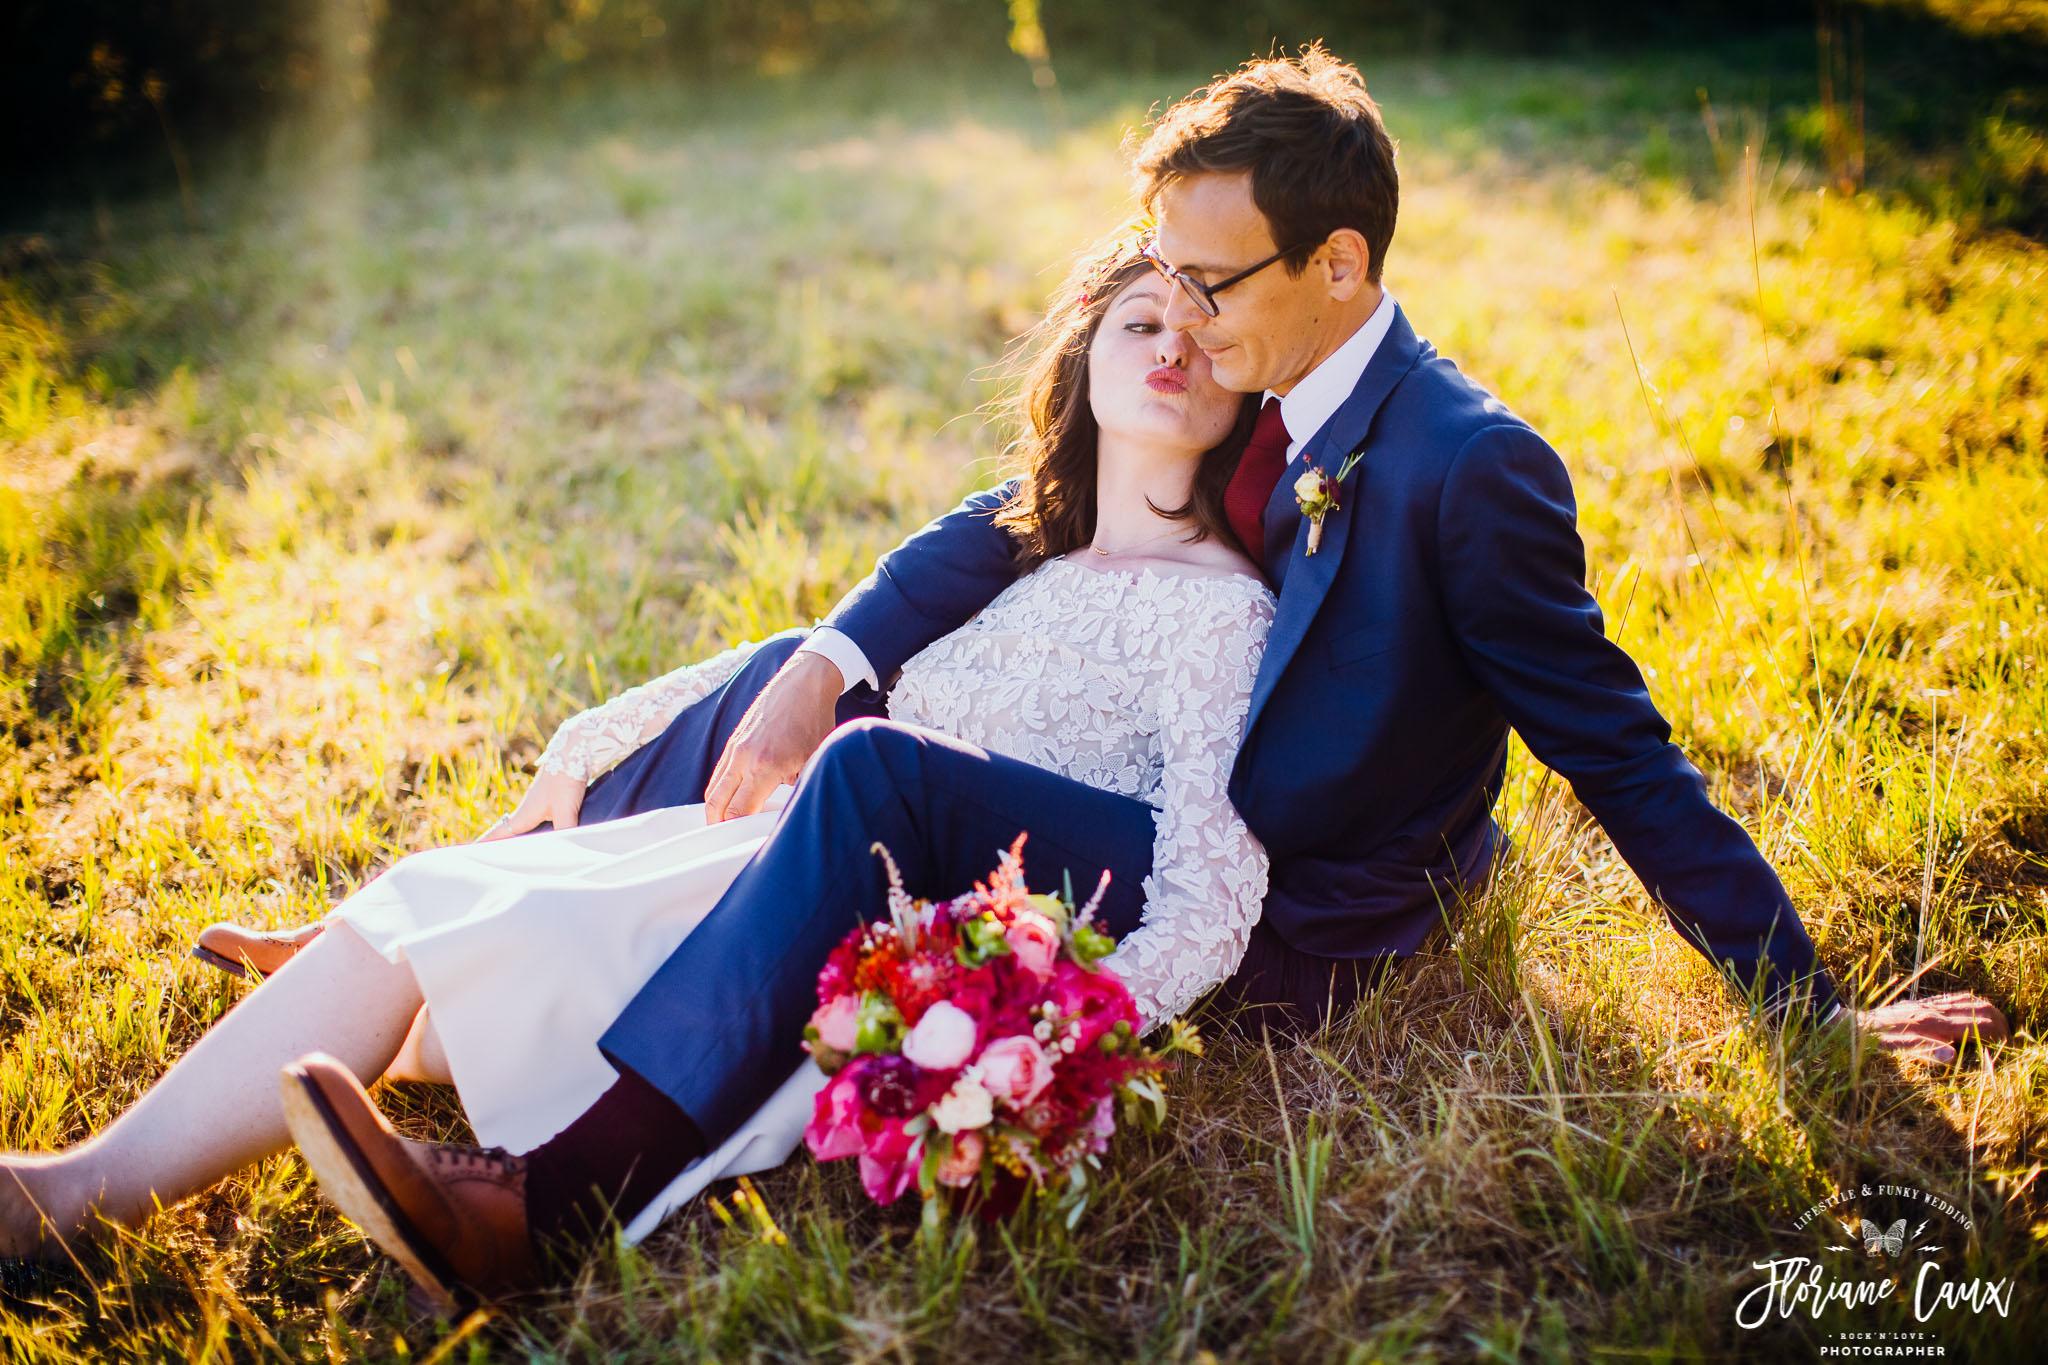 photographe-mariage-funky-licorne-fumigenes-badass-5